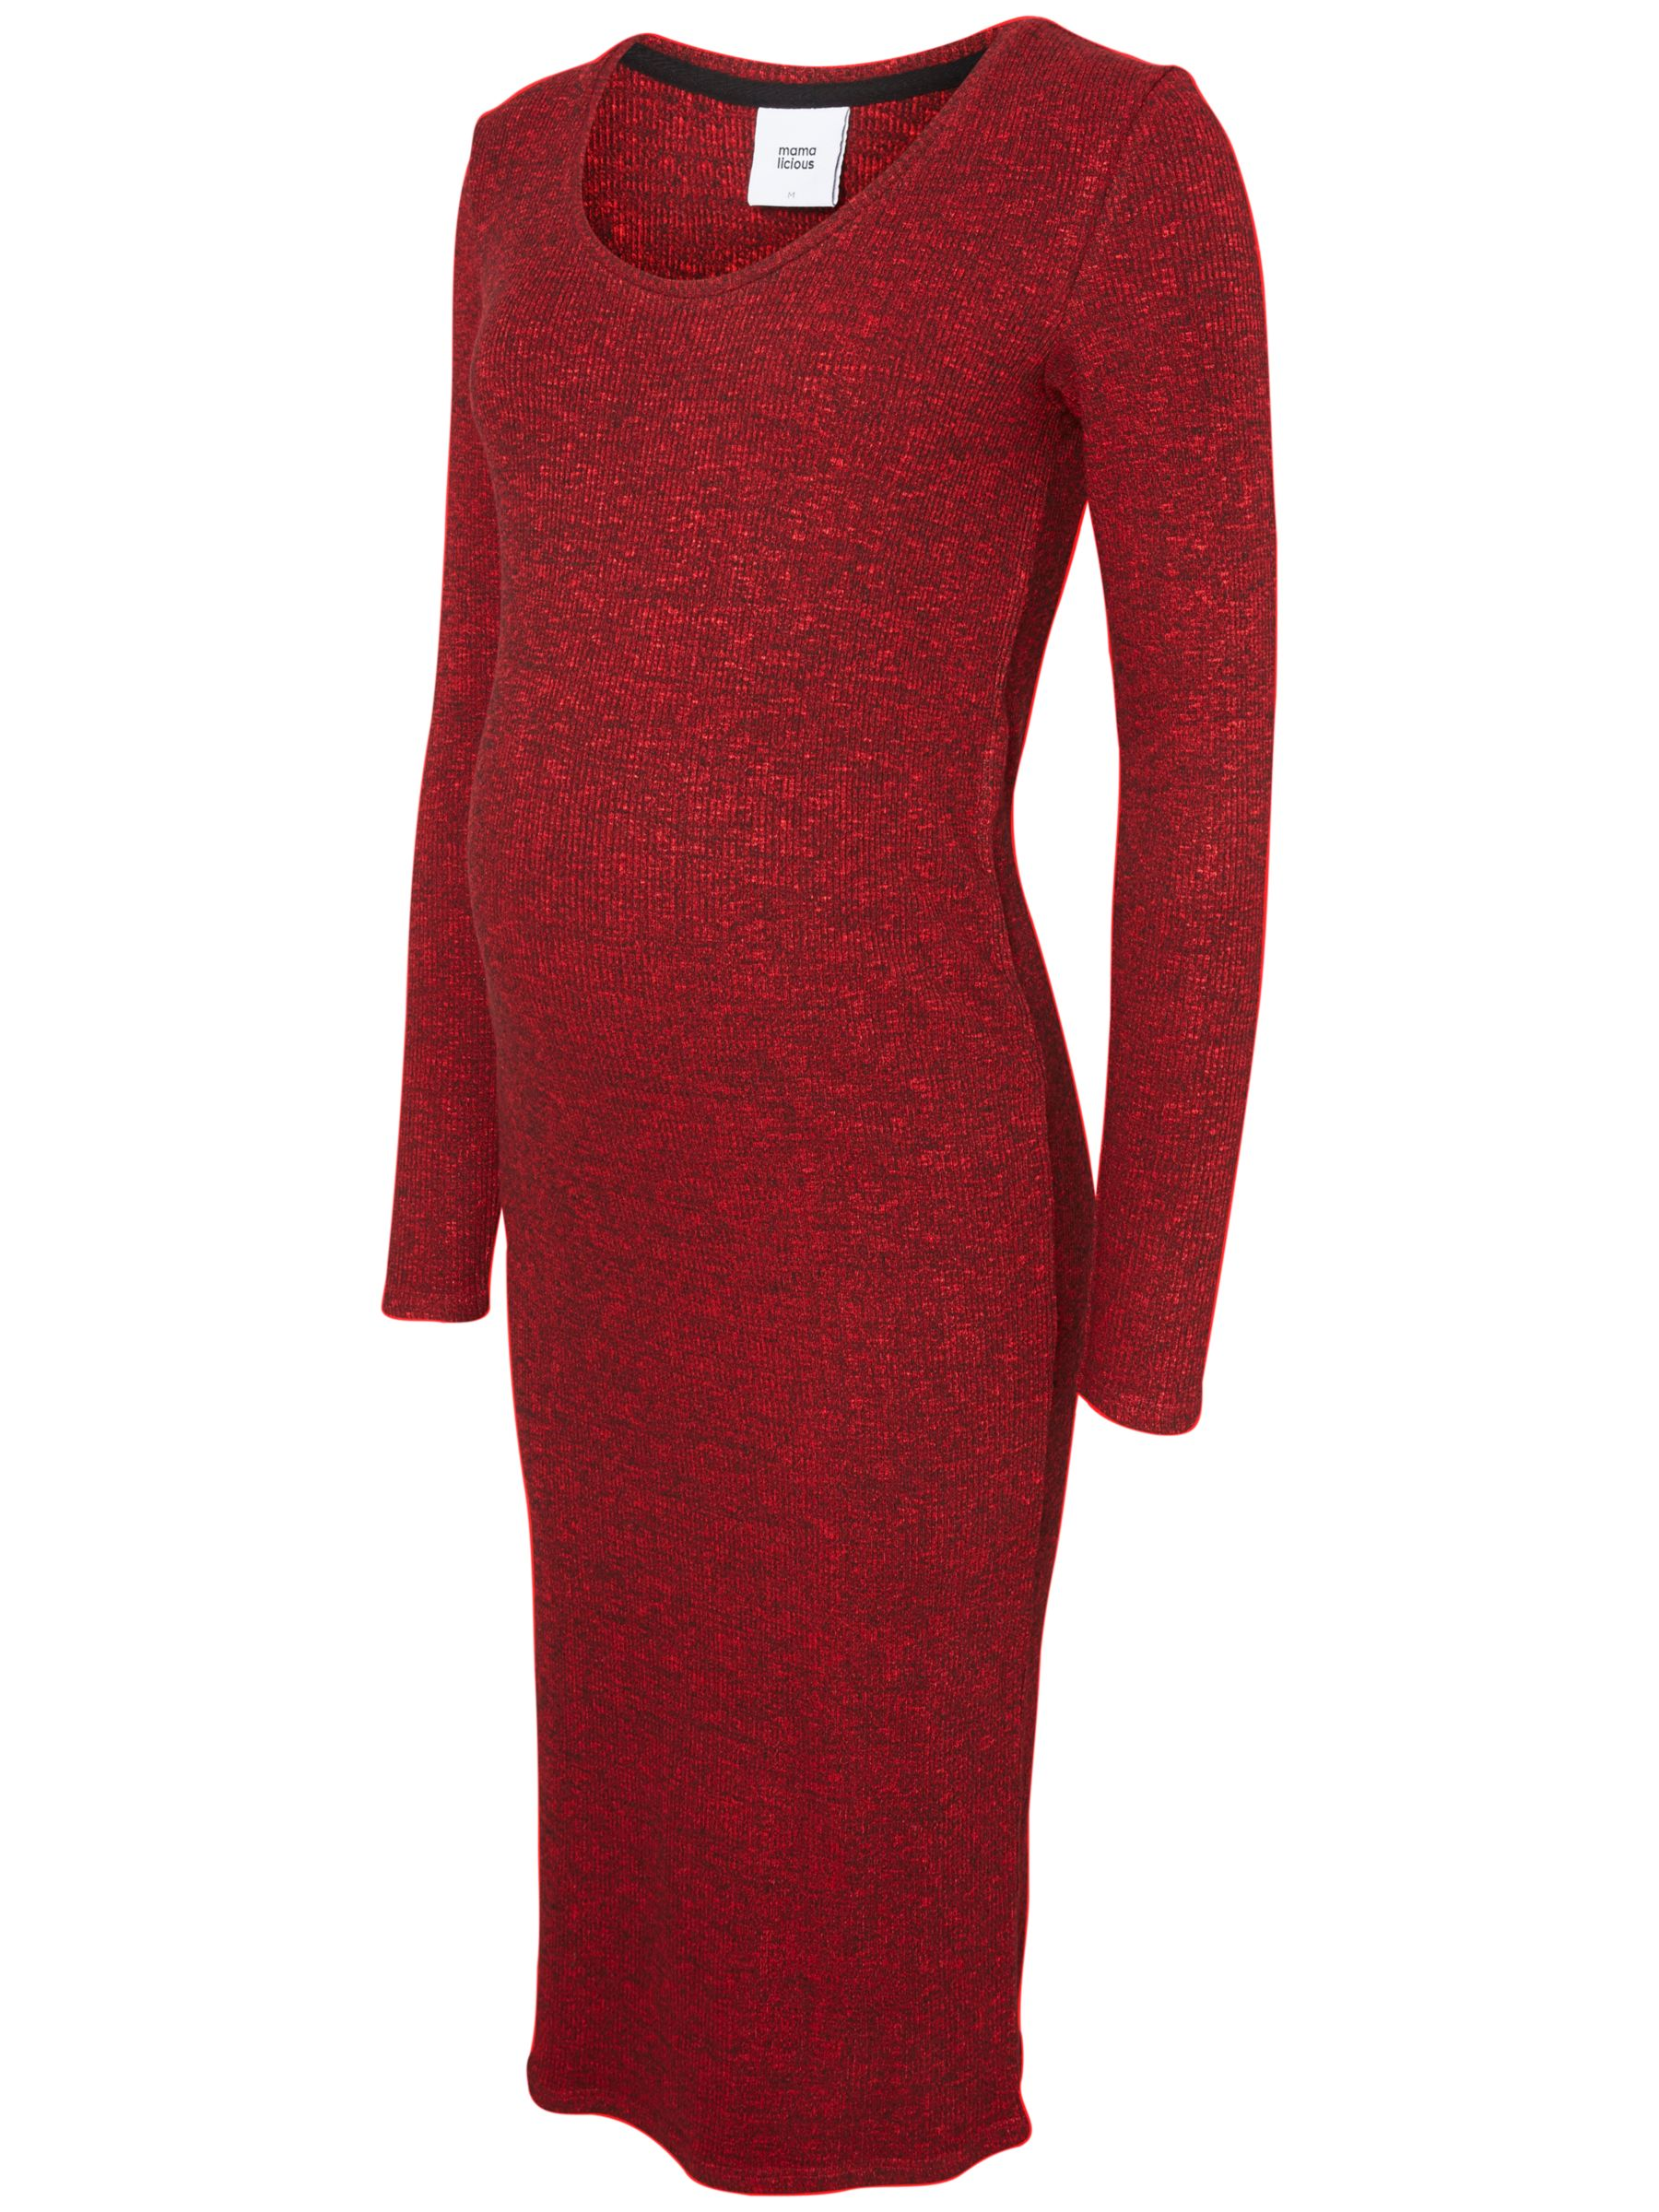 Mamalicious Mamalicious Redo Ribbed Knit Maternity Dress, Red